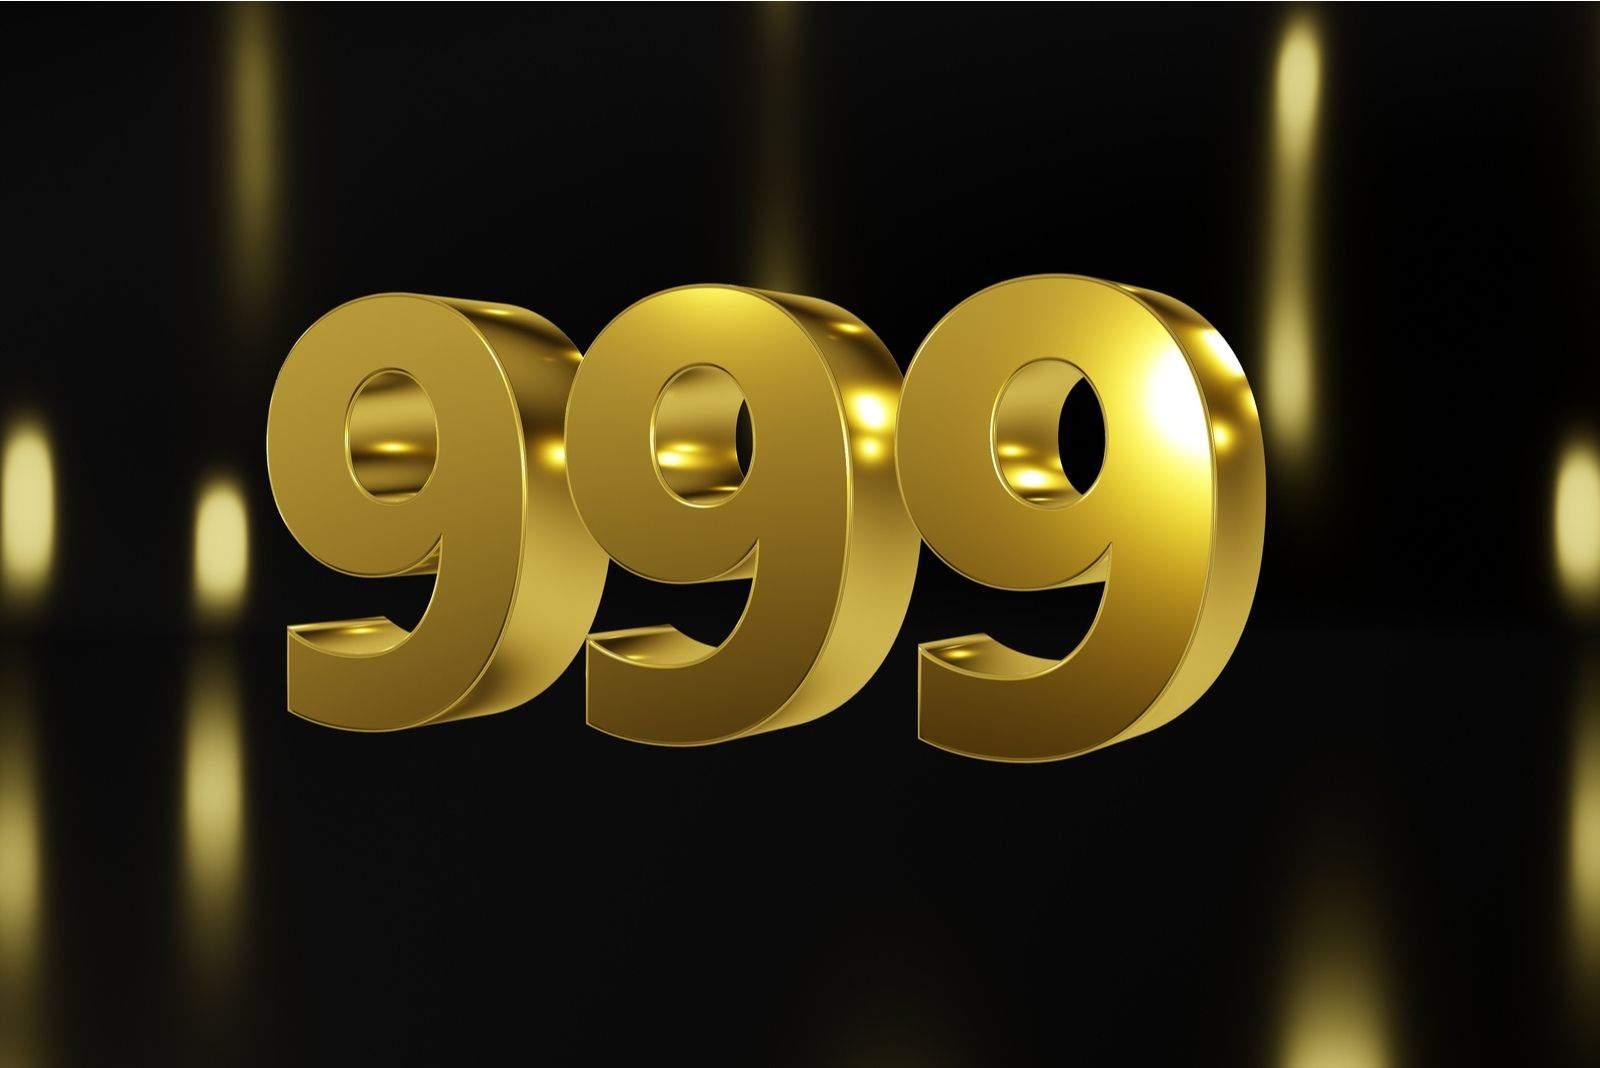 Nummer 999 in Gold auf schwarzem und goldenem Hintergrund, isolierte Nummer 3d render